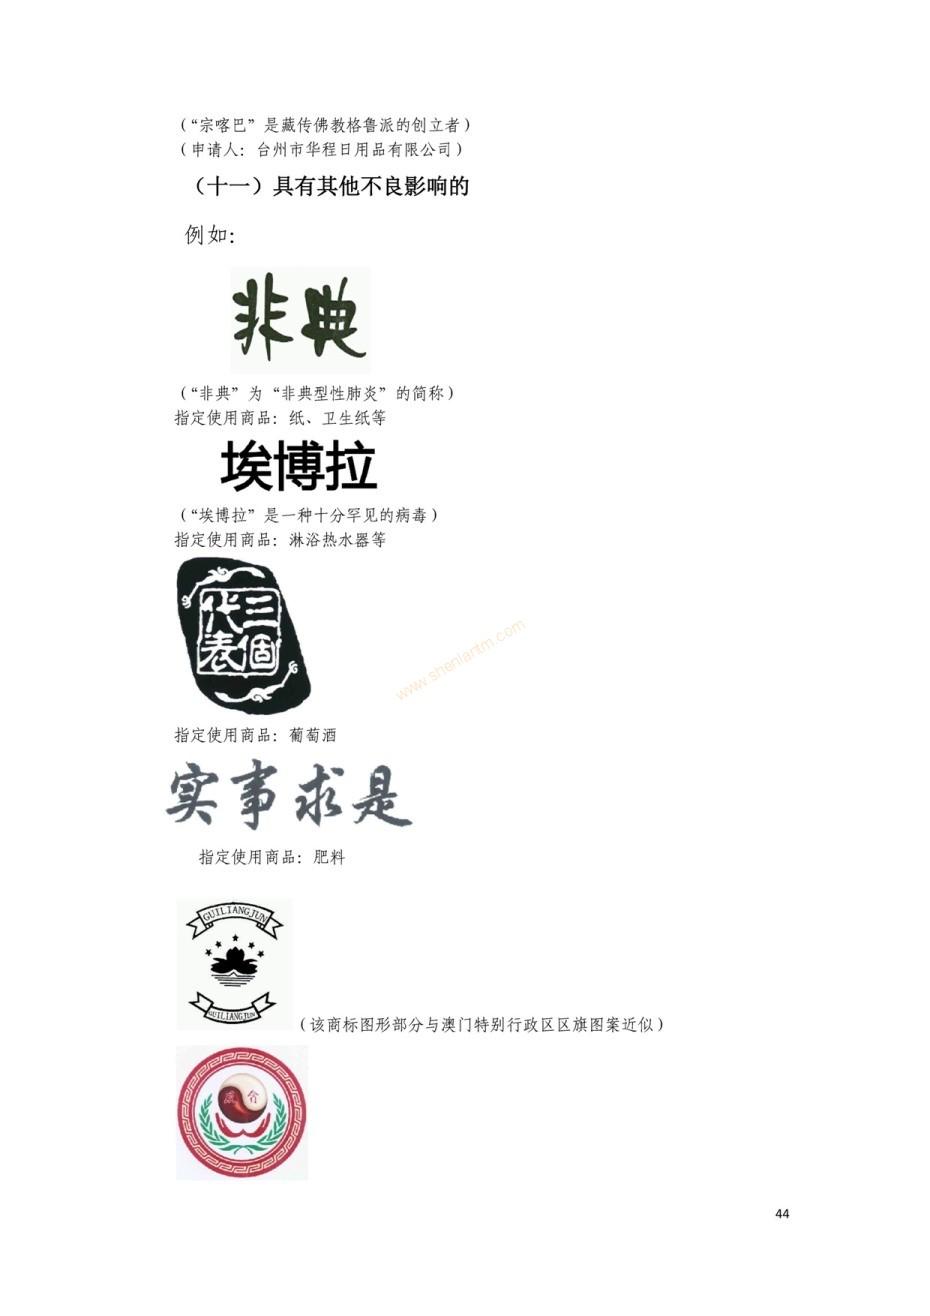 商标审查及审理标准2016版_页面_044